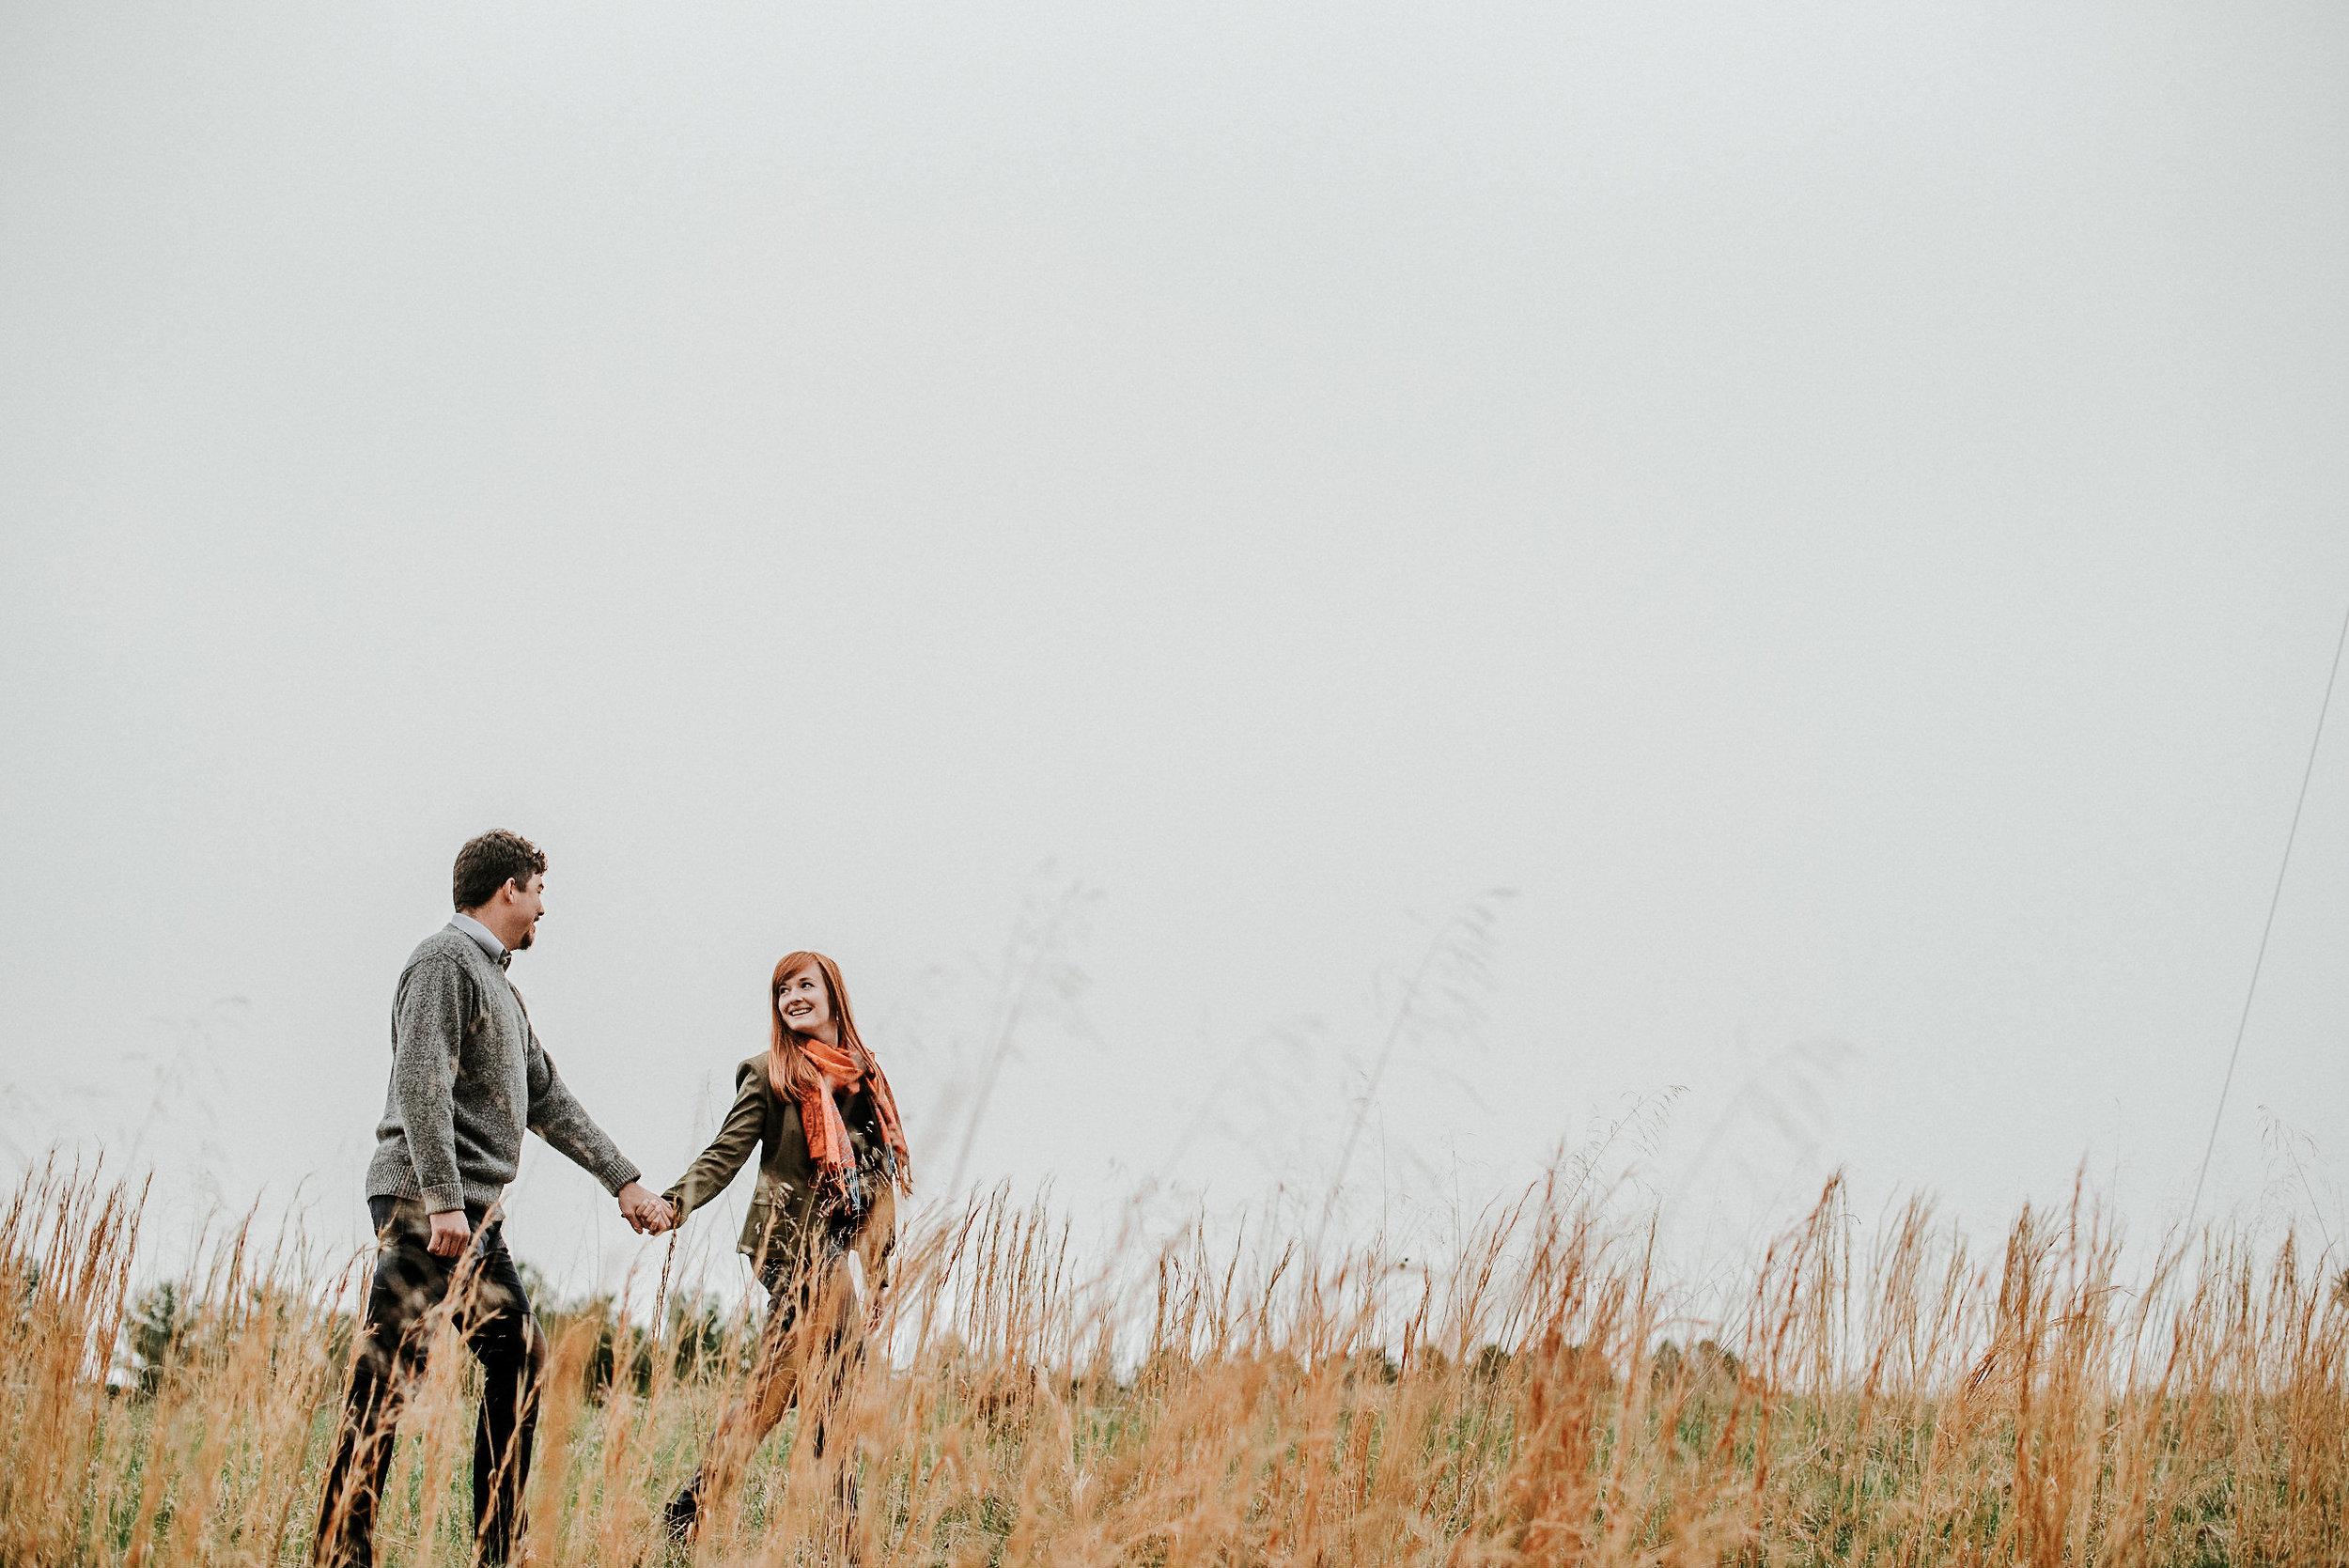 Couple walking across field